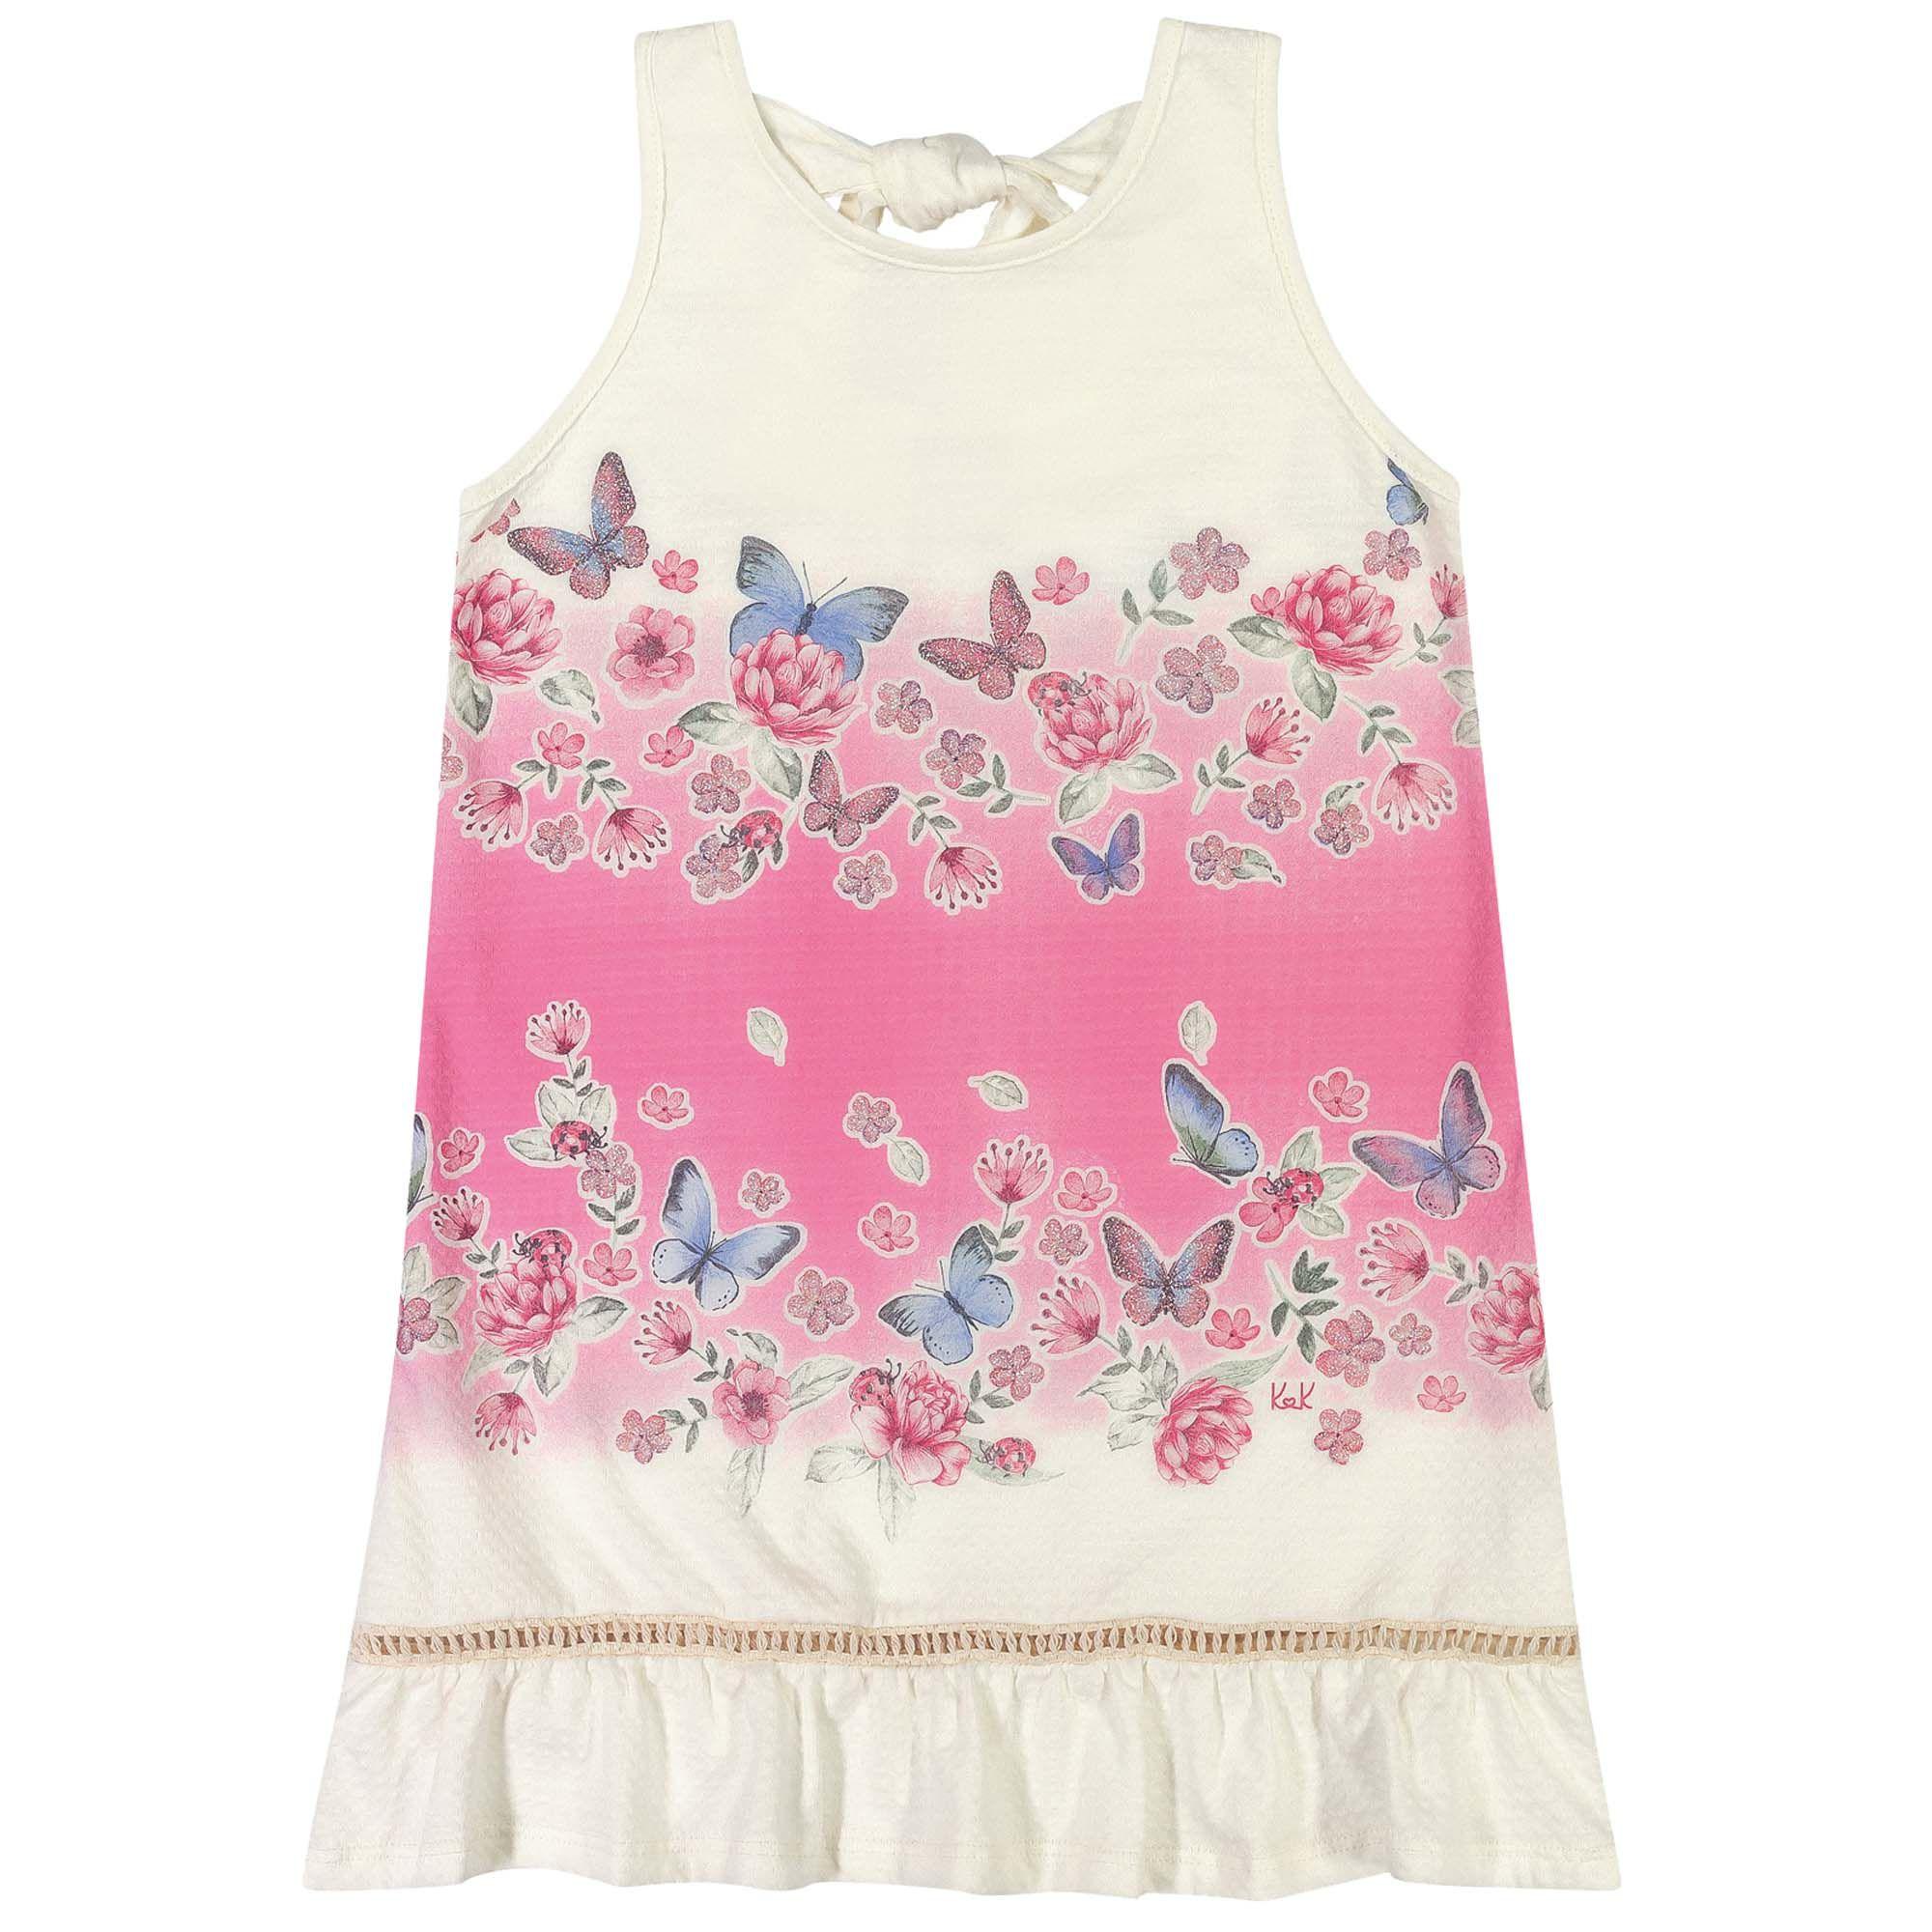 Vestido Verão Romitex Kely Kety Flores e Borboletas - 4 ao 10